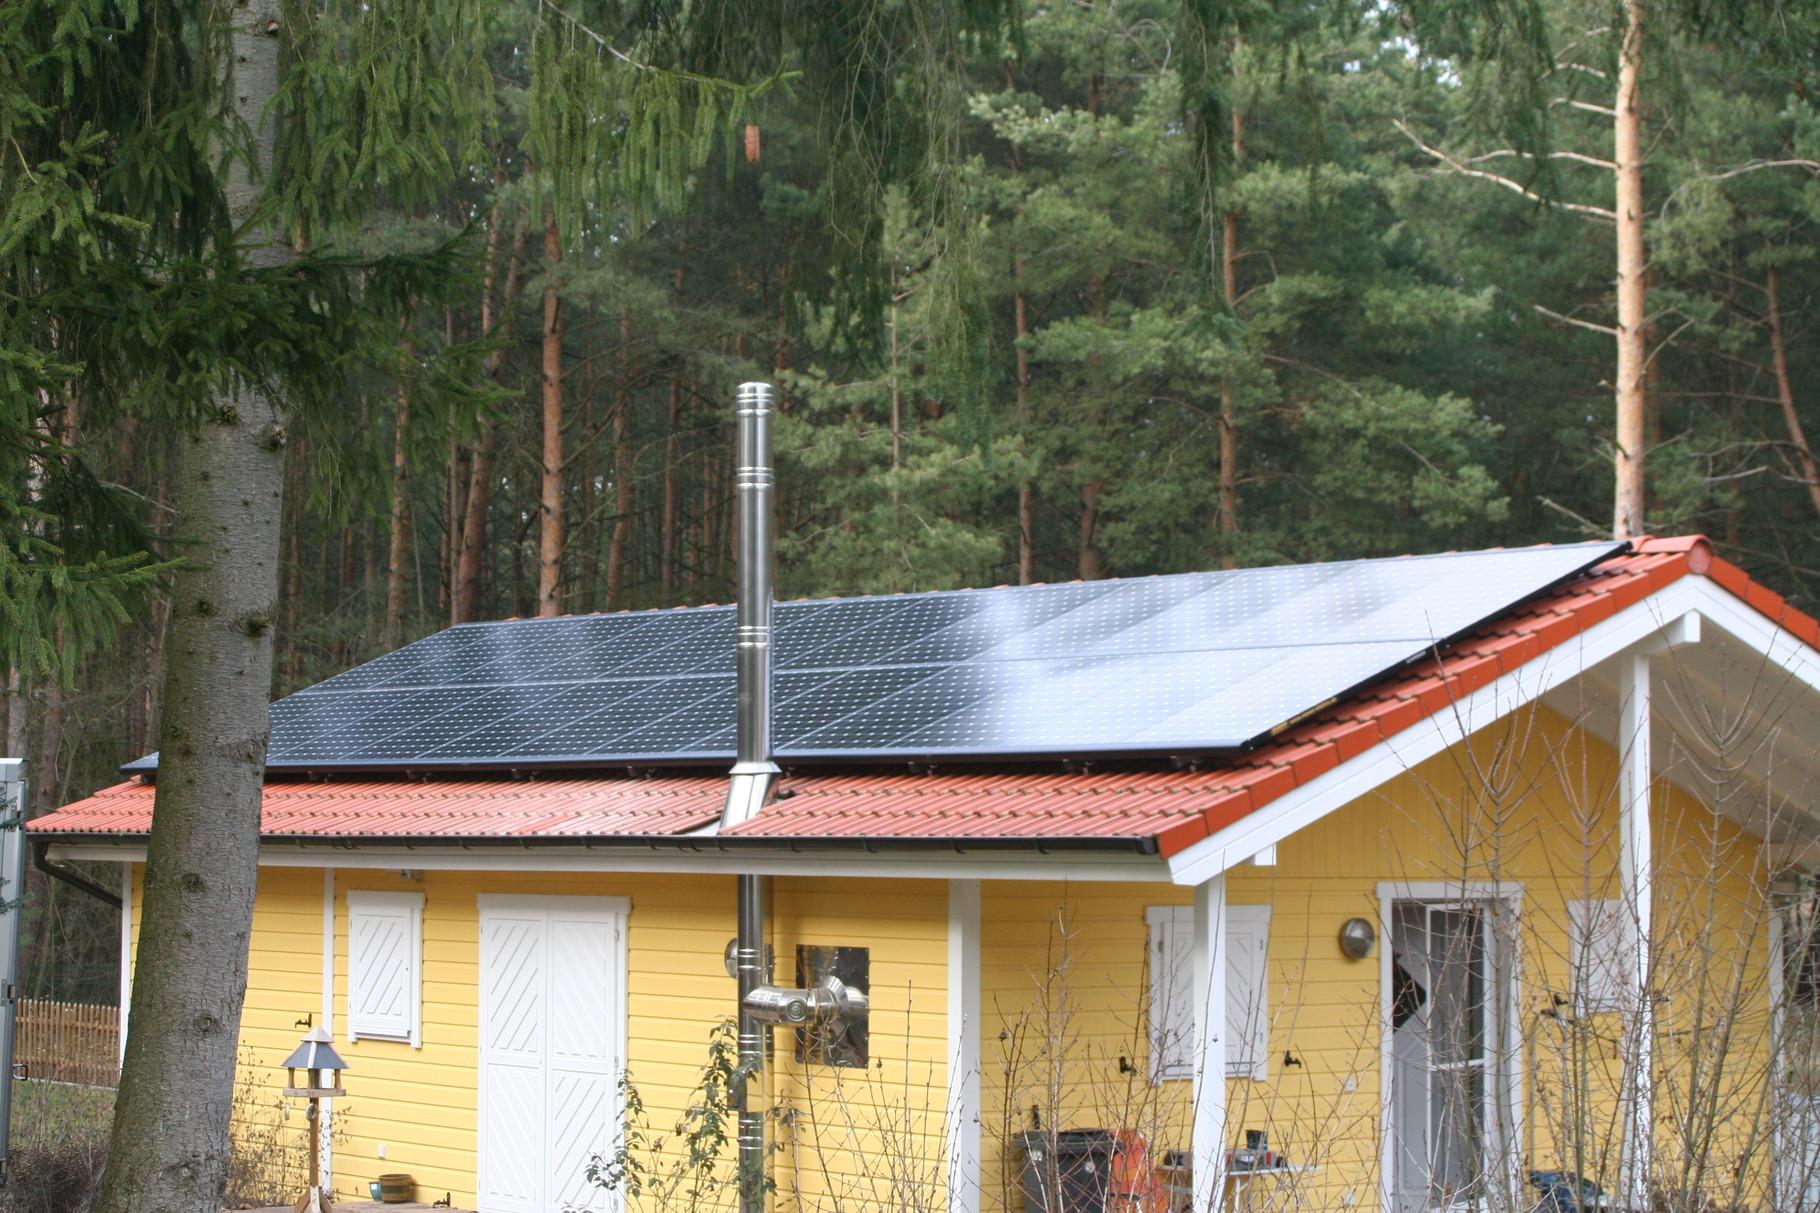 7,848 kWp Sunpower Süd/West mit Solaredge Wechselrichter inkl. 8 kW Pb Speicher SENEC.IES, Wärmepumpe in Wendisch Rietz